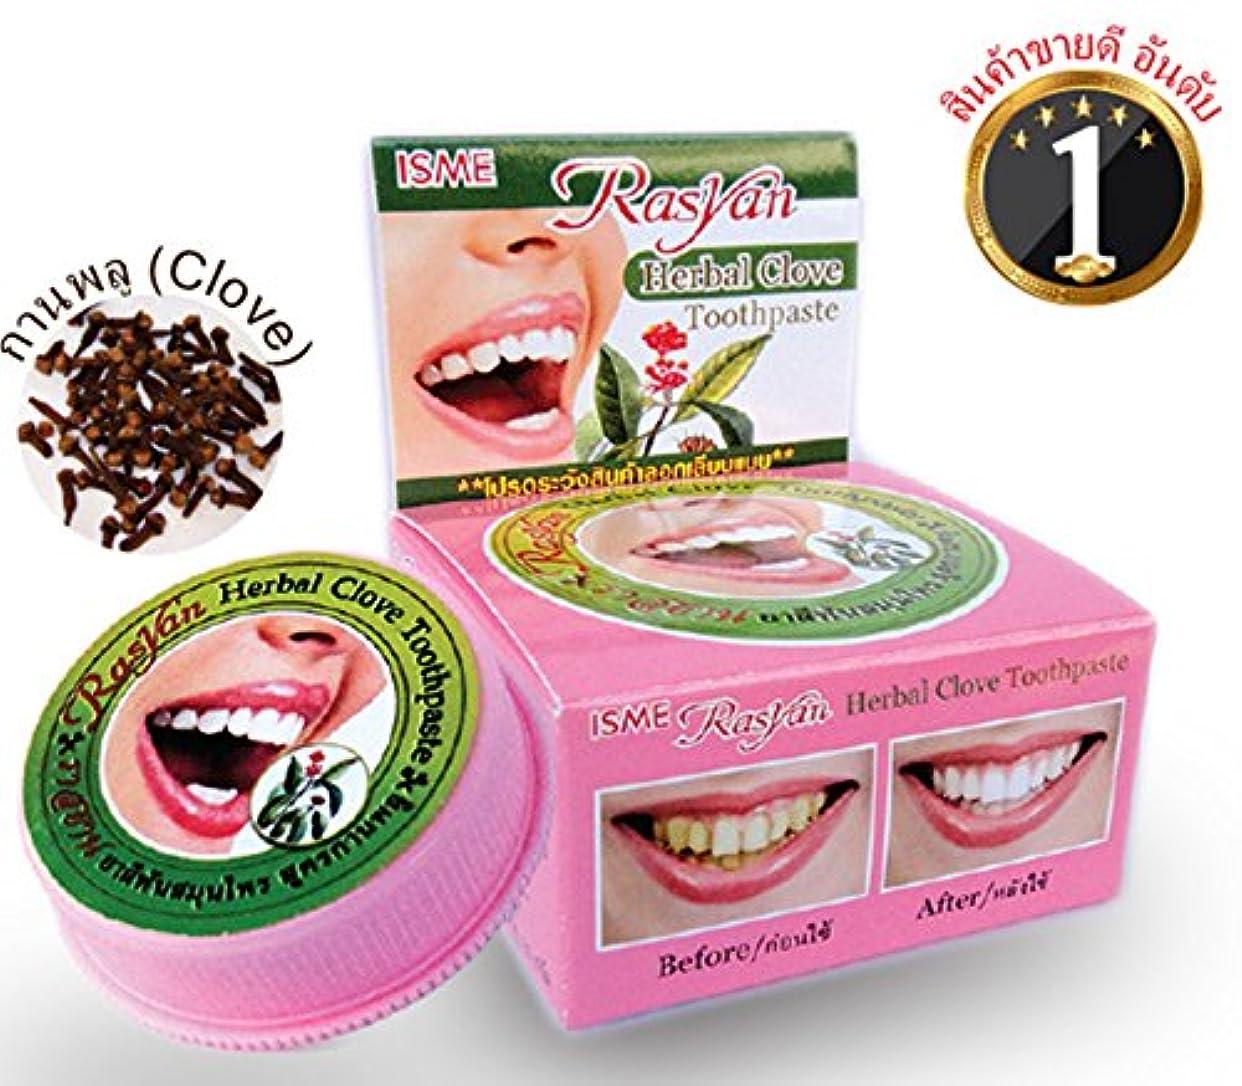 薬用遺伝子もちろん練り歯磨き ハーブ Thai Herbal Rasyan Herbal Clove Toothpaste (5 Gram Size) 2 Pcs.